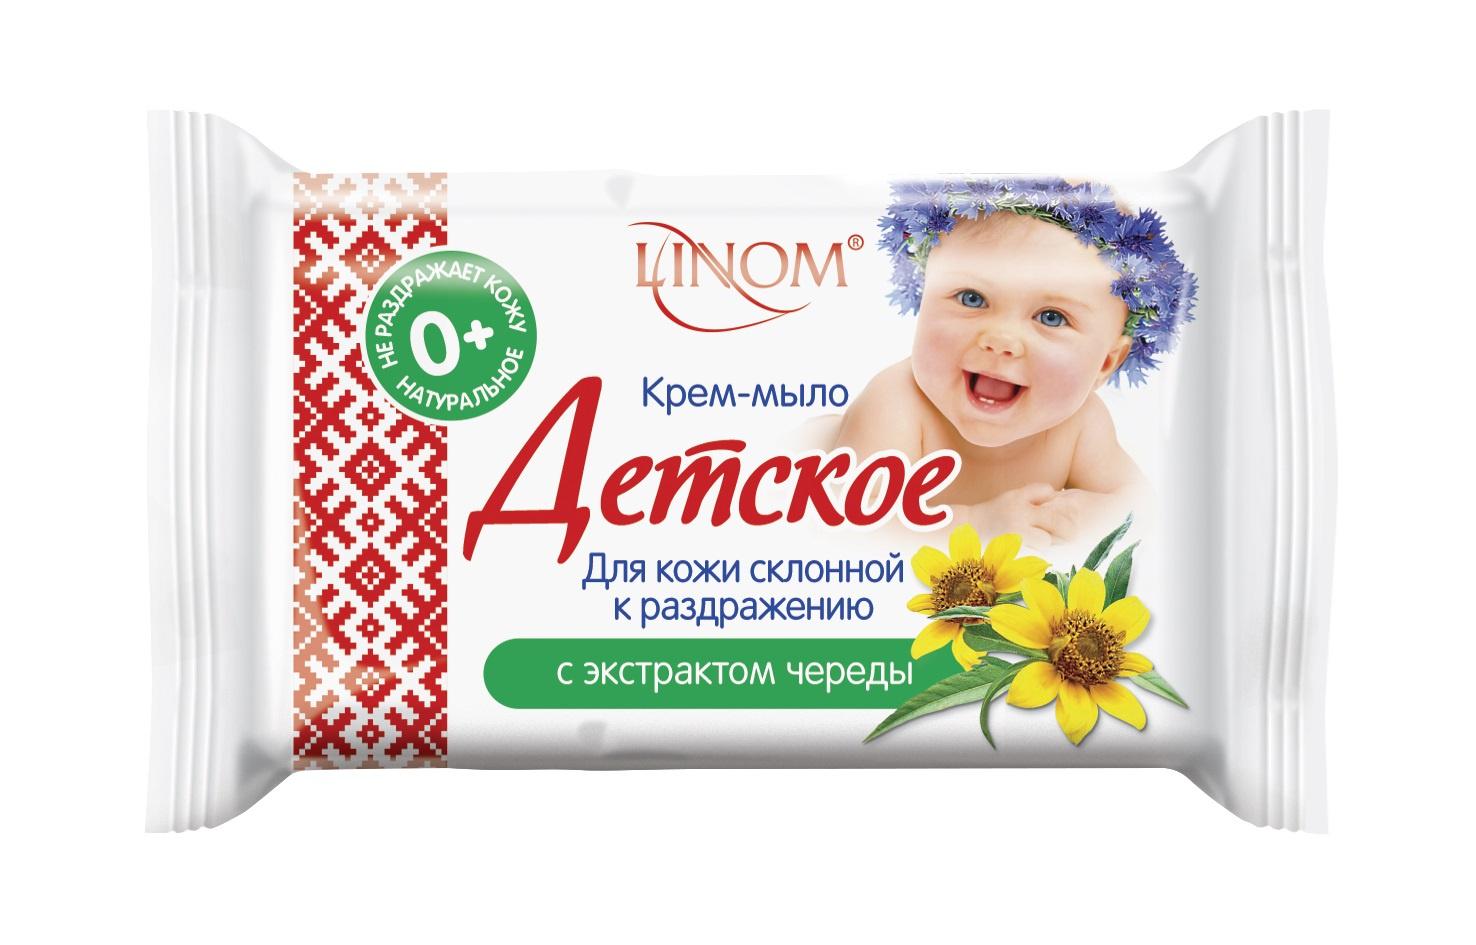 """Мыло туалетное LINOM(БЕЛАРУСЬ) """"Для кожи склонной к раздражению"""" с экстрактом череды. Детское. Натуральное."""